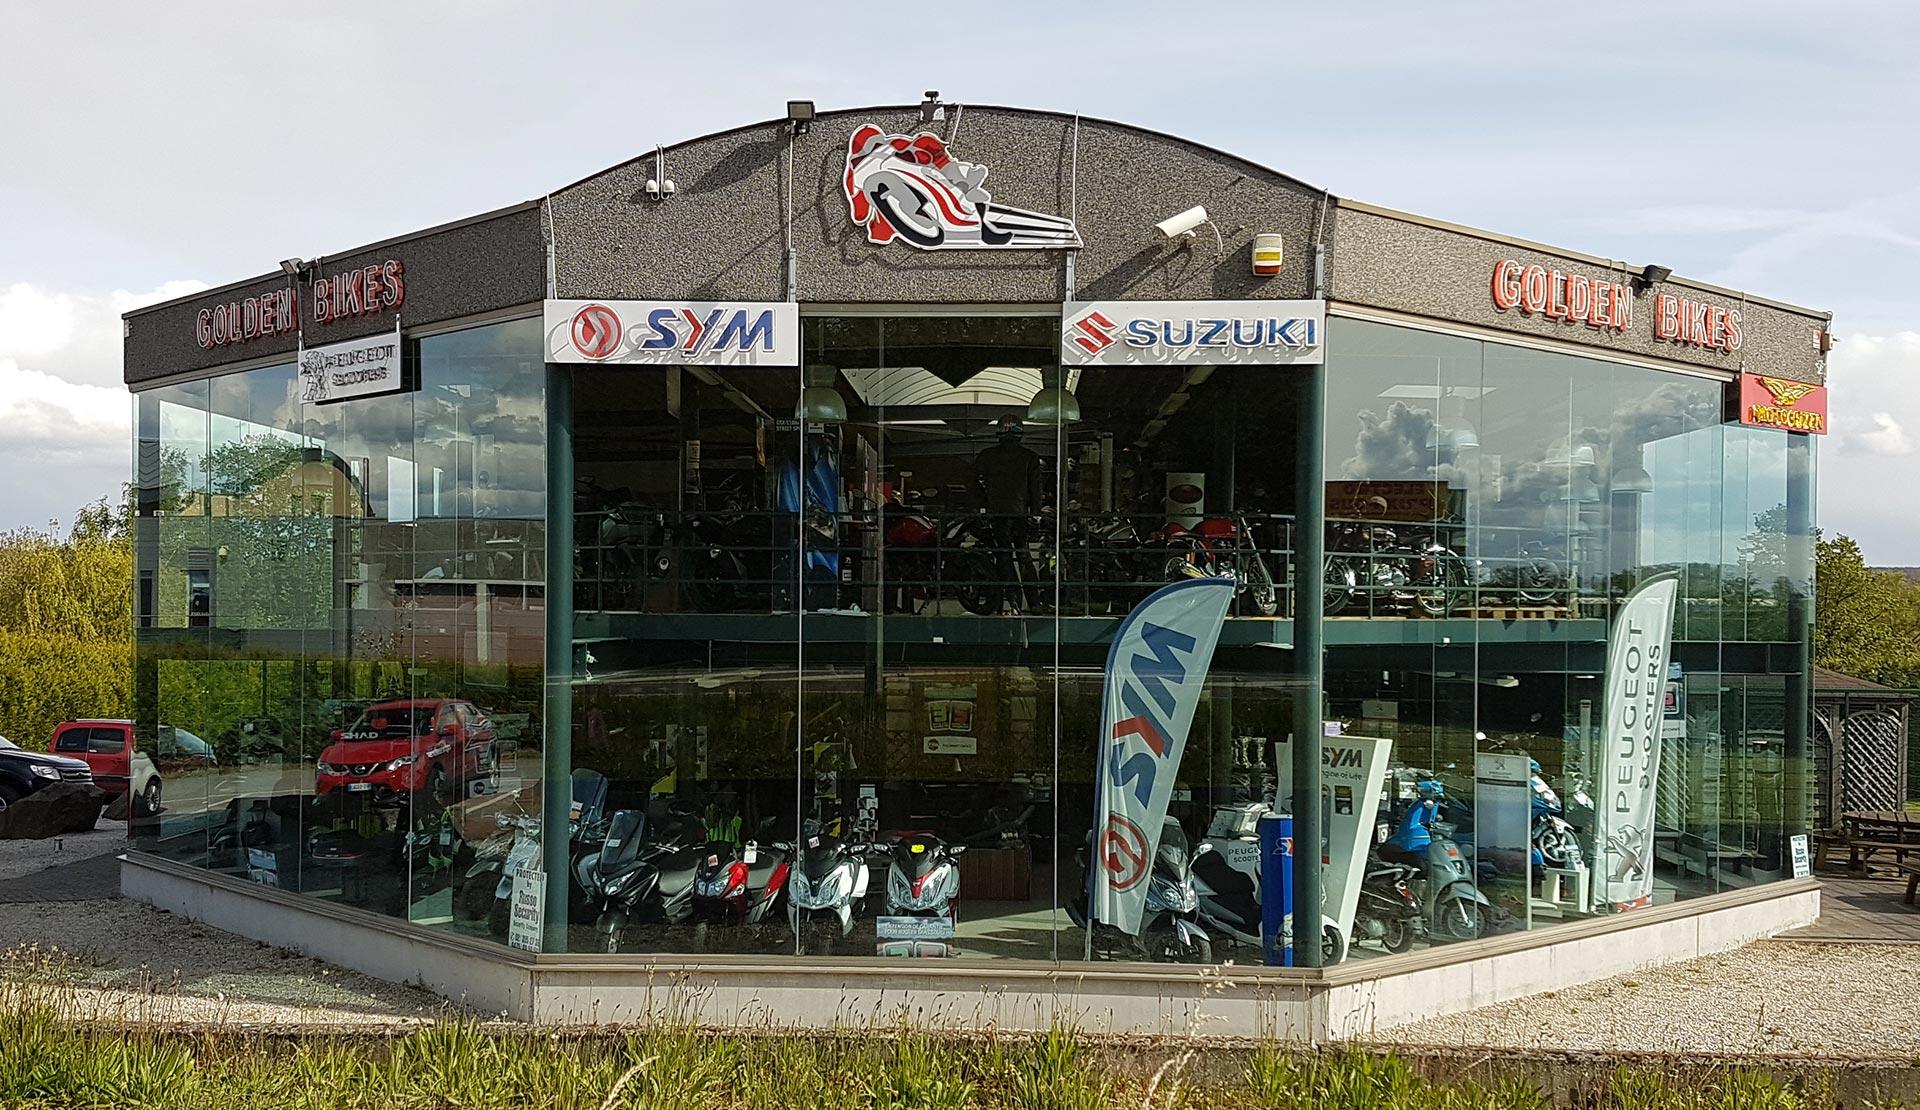 Golden bikes votre sp cialiste motos rebecq magasin - Banc de puissance moto occasion ...